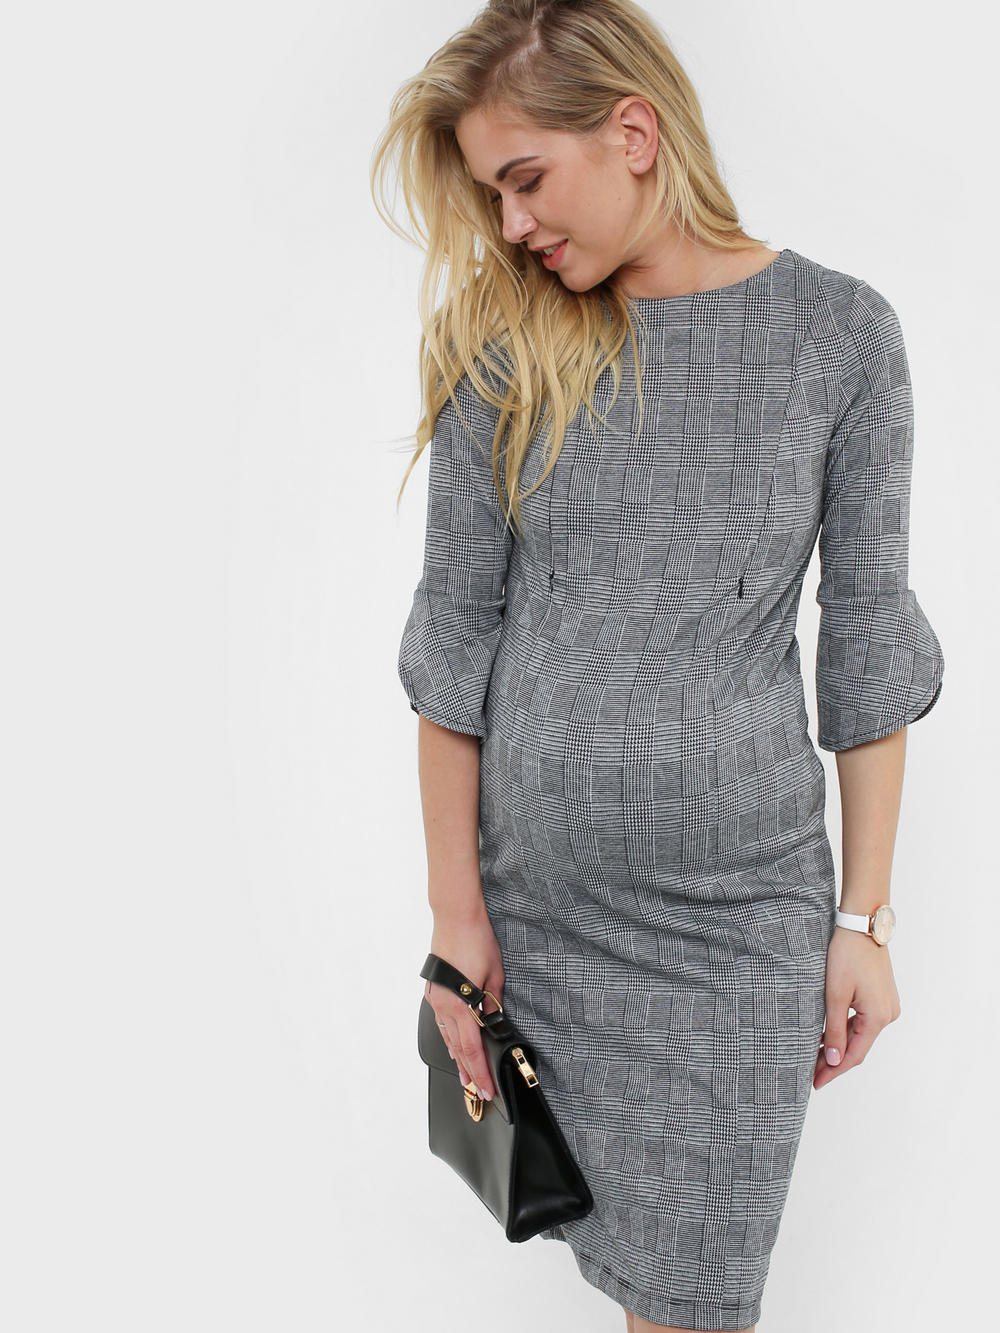 573b3de228082 Одежда для беременных в интернет-магазине «Кидстер» | Купить одежду ...